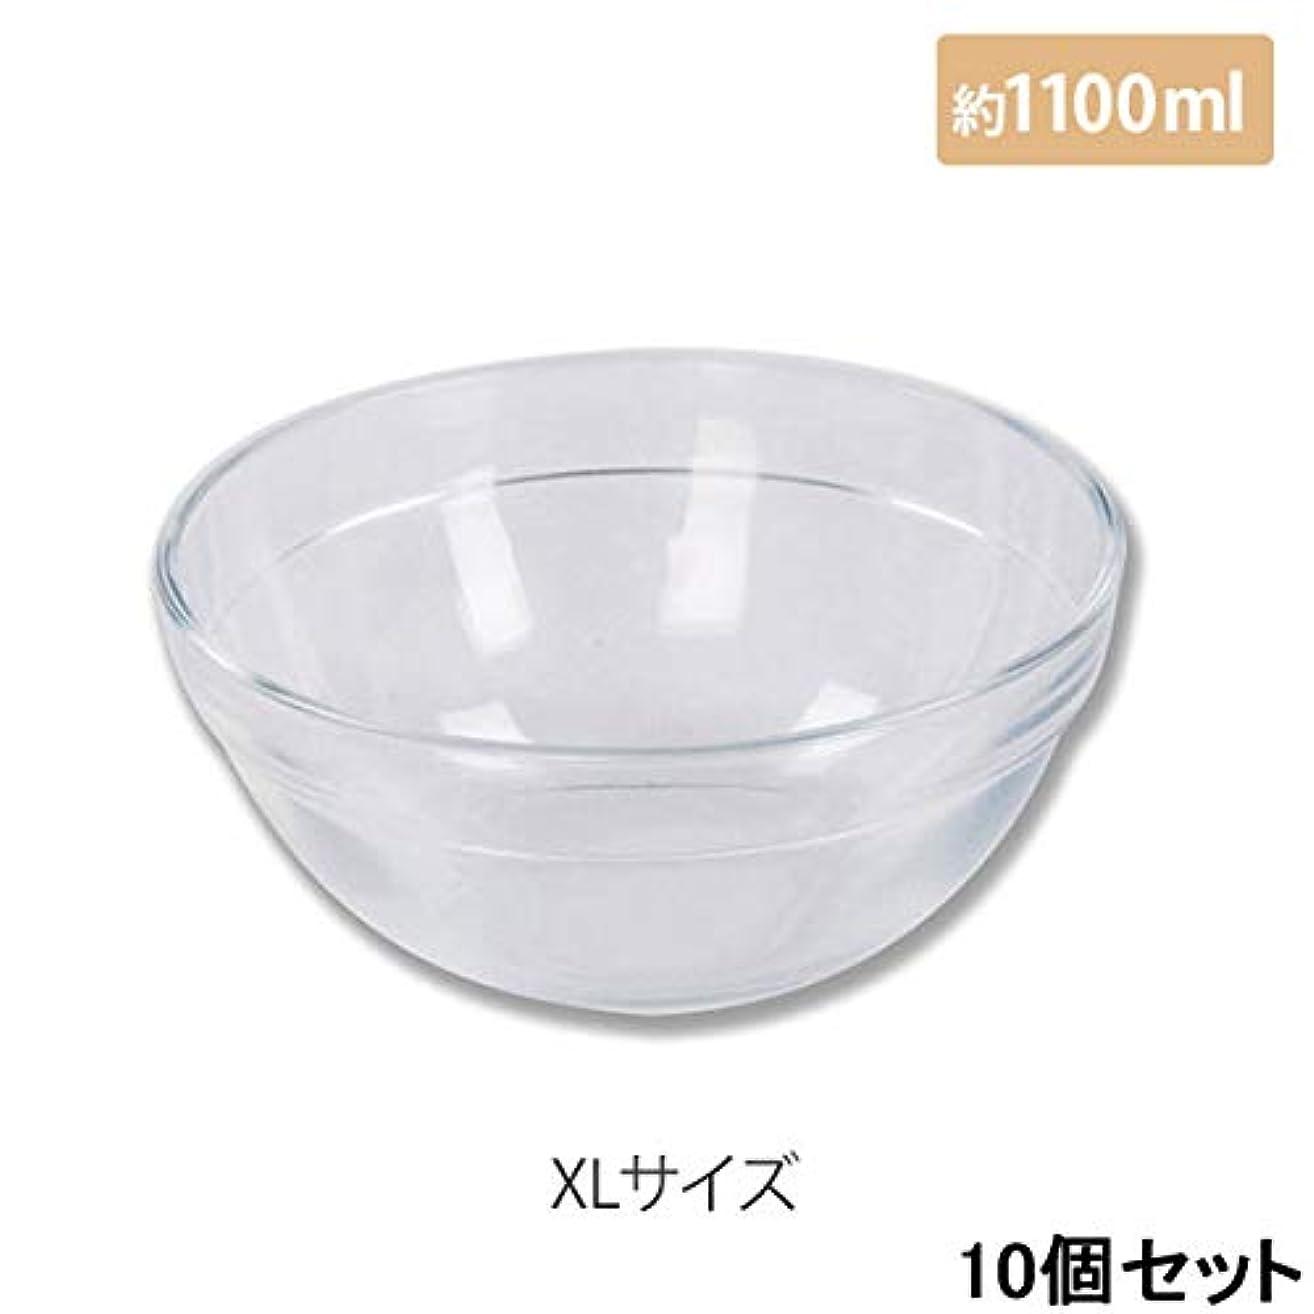 どこでも顧問投資マイスター プラスティックボウル (XLサイズ) クリア 直径20cm (10個セット) [ プラスチックボール カップボウル カップボール エステ サロン プラスチック ボウル カップ 割れない ]